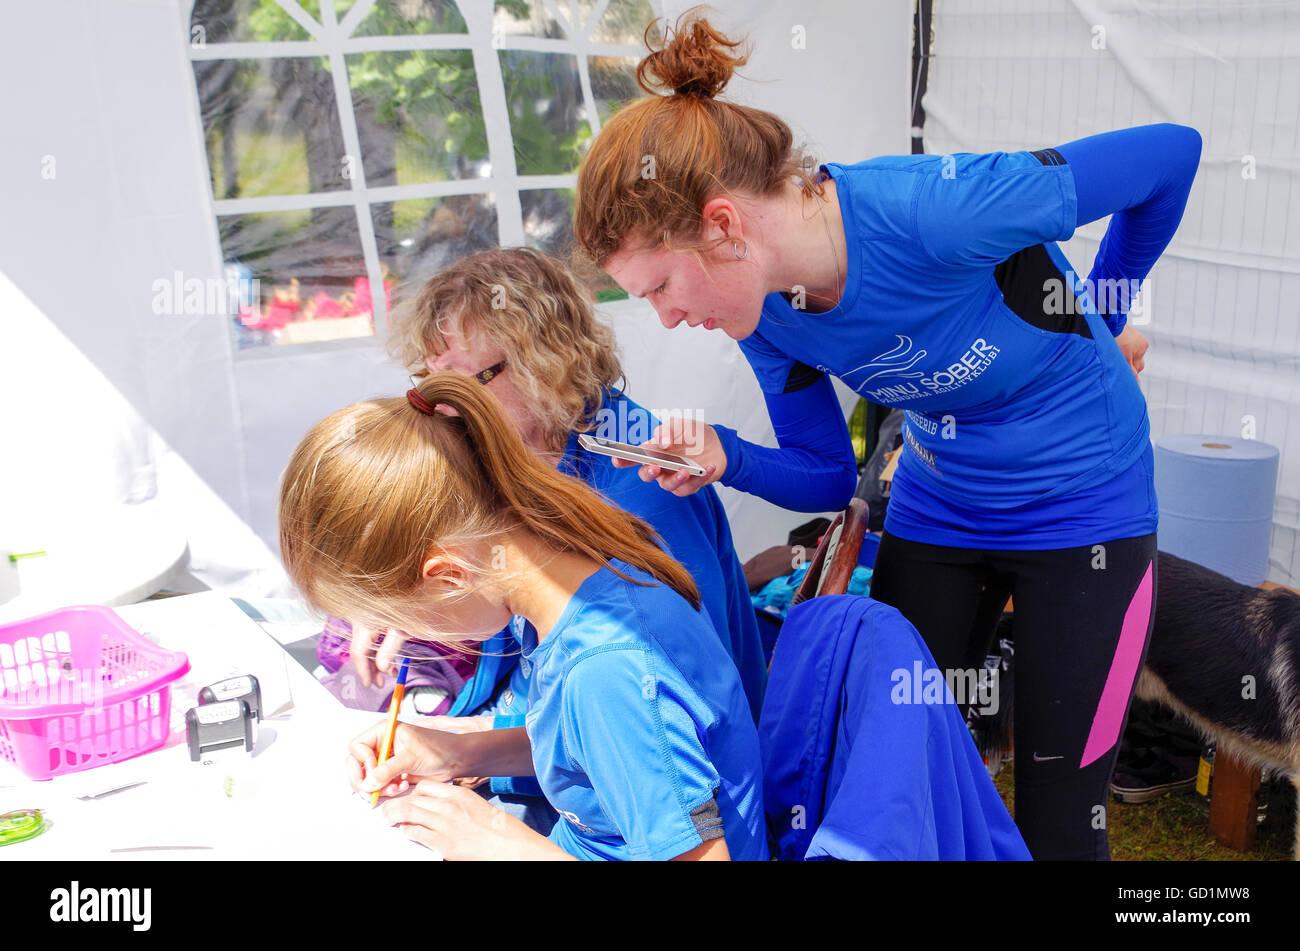 Gli organizzatori e i giudici segnando i risultati nel cane competizioni di agilità. Tre ragazze in una tenda, Immagini Stock